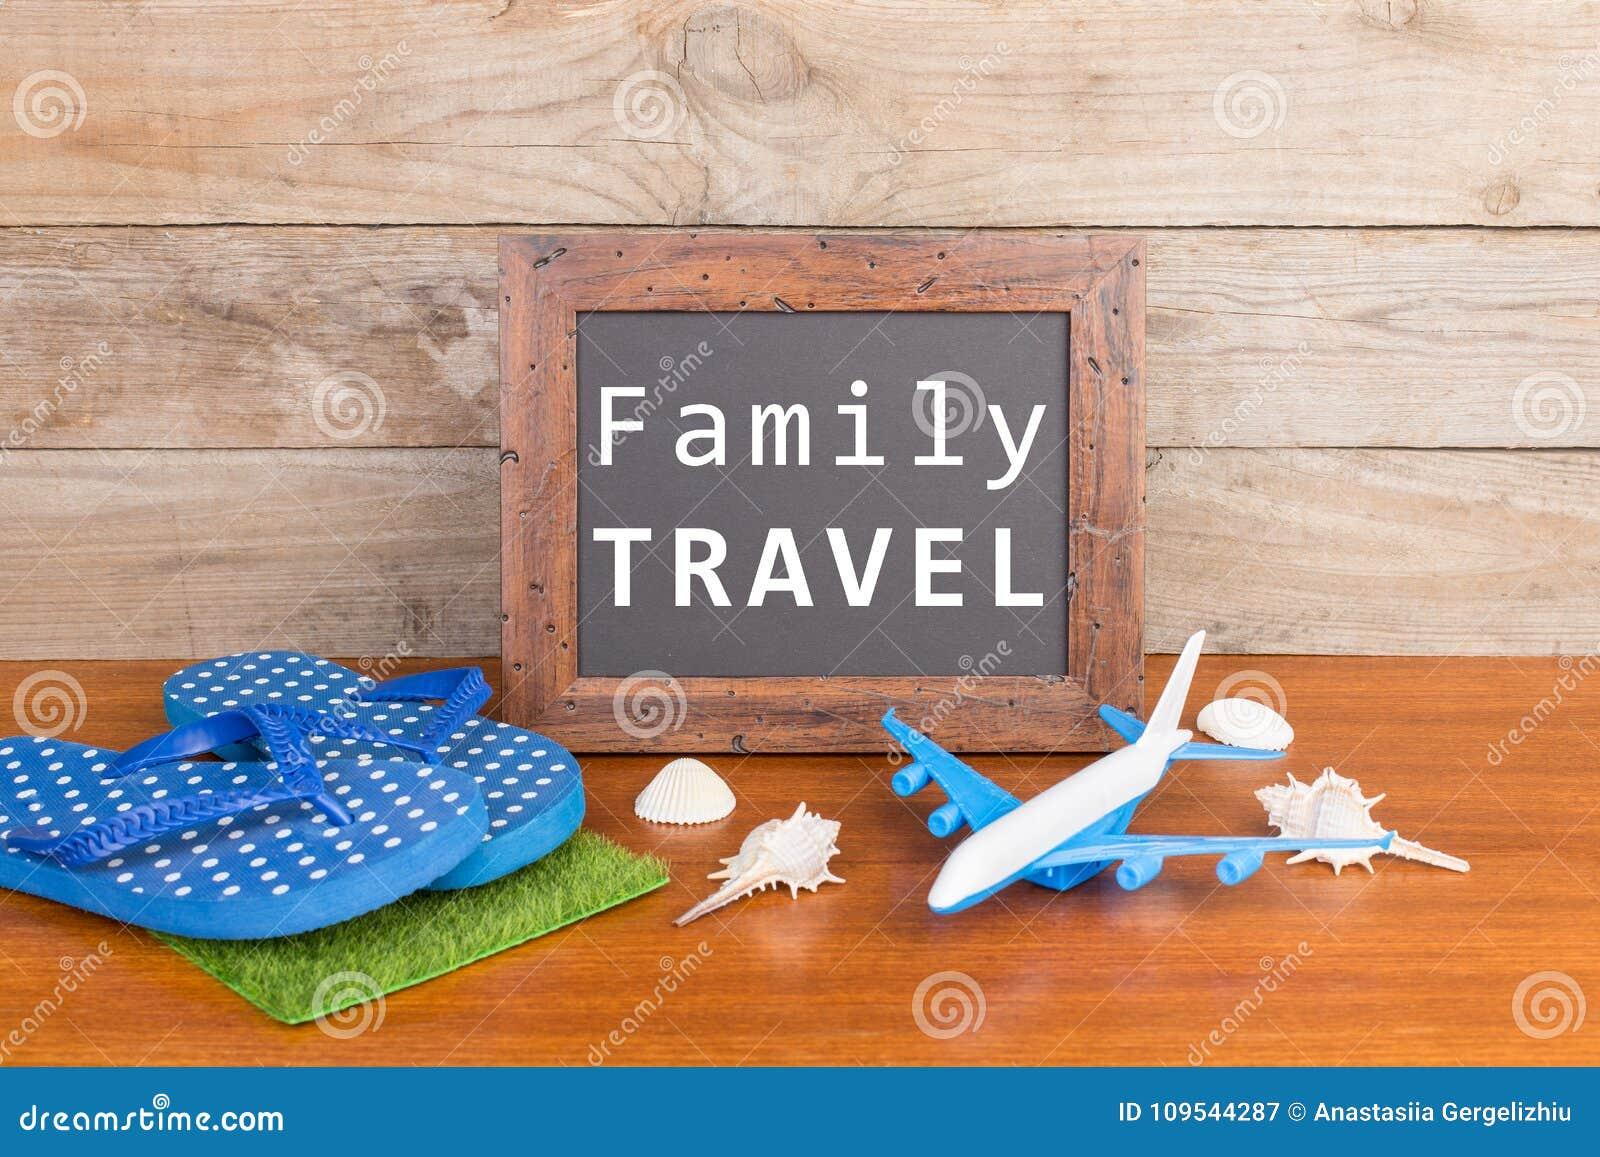 Pizarra con el texto y x22; Travel& x22 de la familia; , avión, chancletas, conchas marinas en fondo de madera marrón